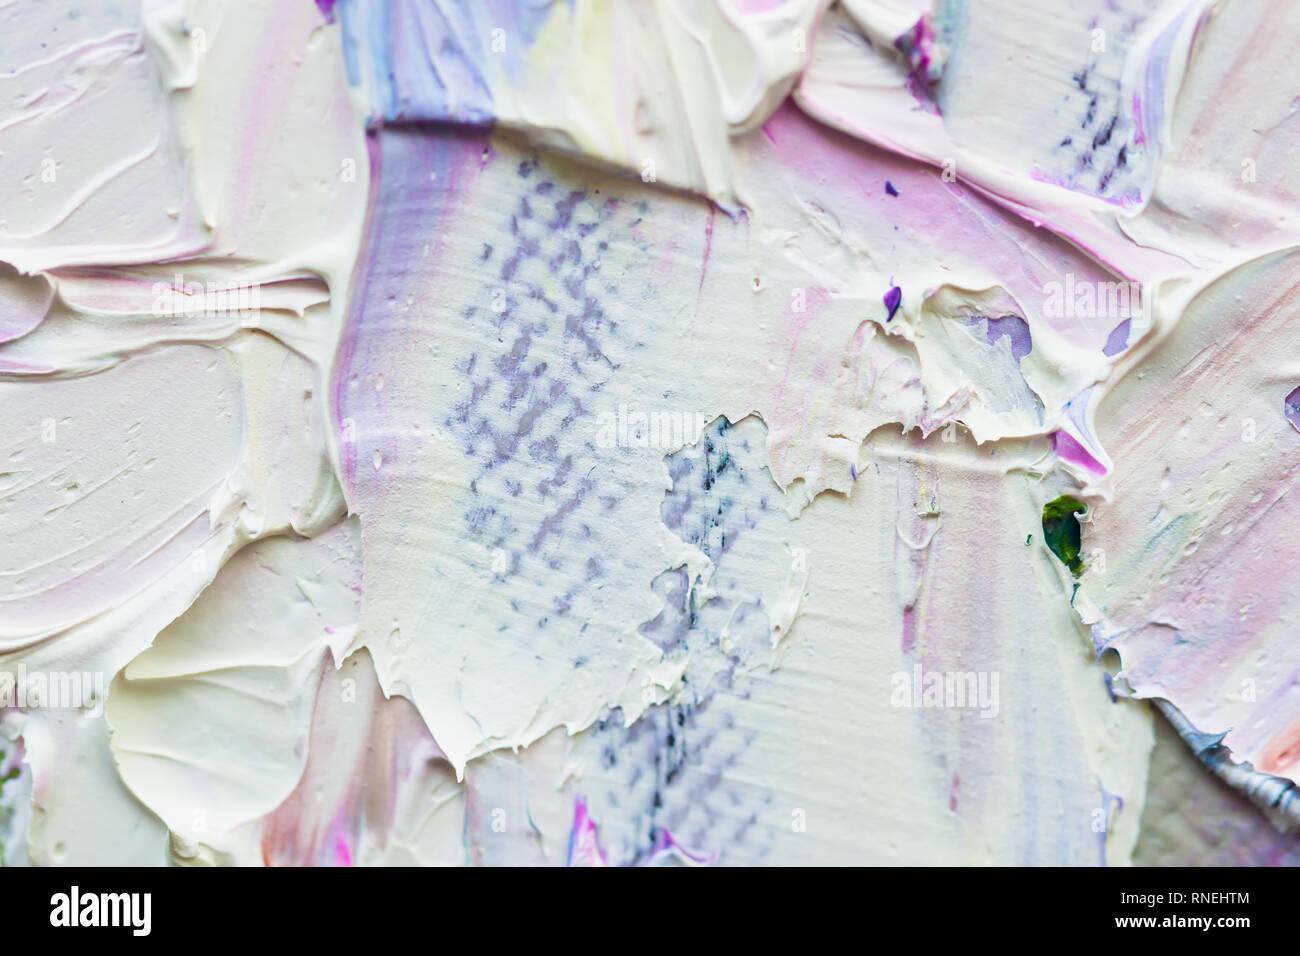 Primo piano astratto del fatto a mano sfondo, colori pastello, consistenza della pittura ad olio su tela. Art design, banner. Per lo sfondo Immagini Stock